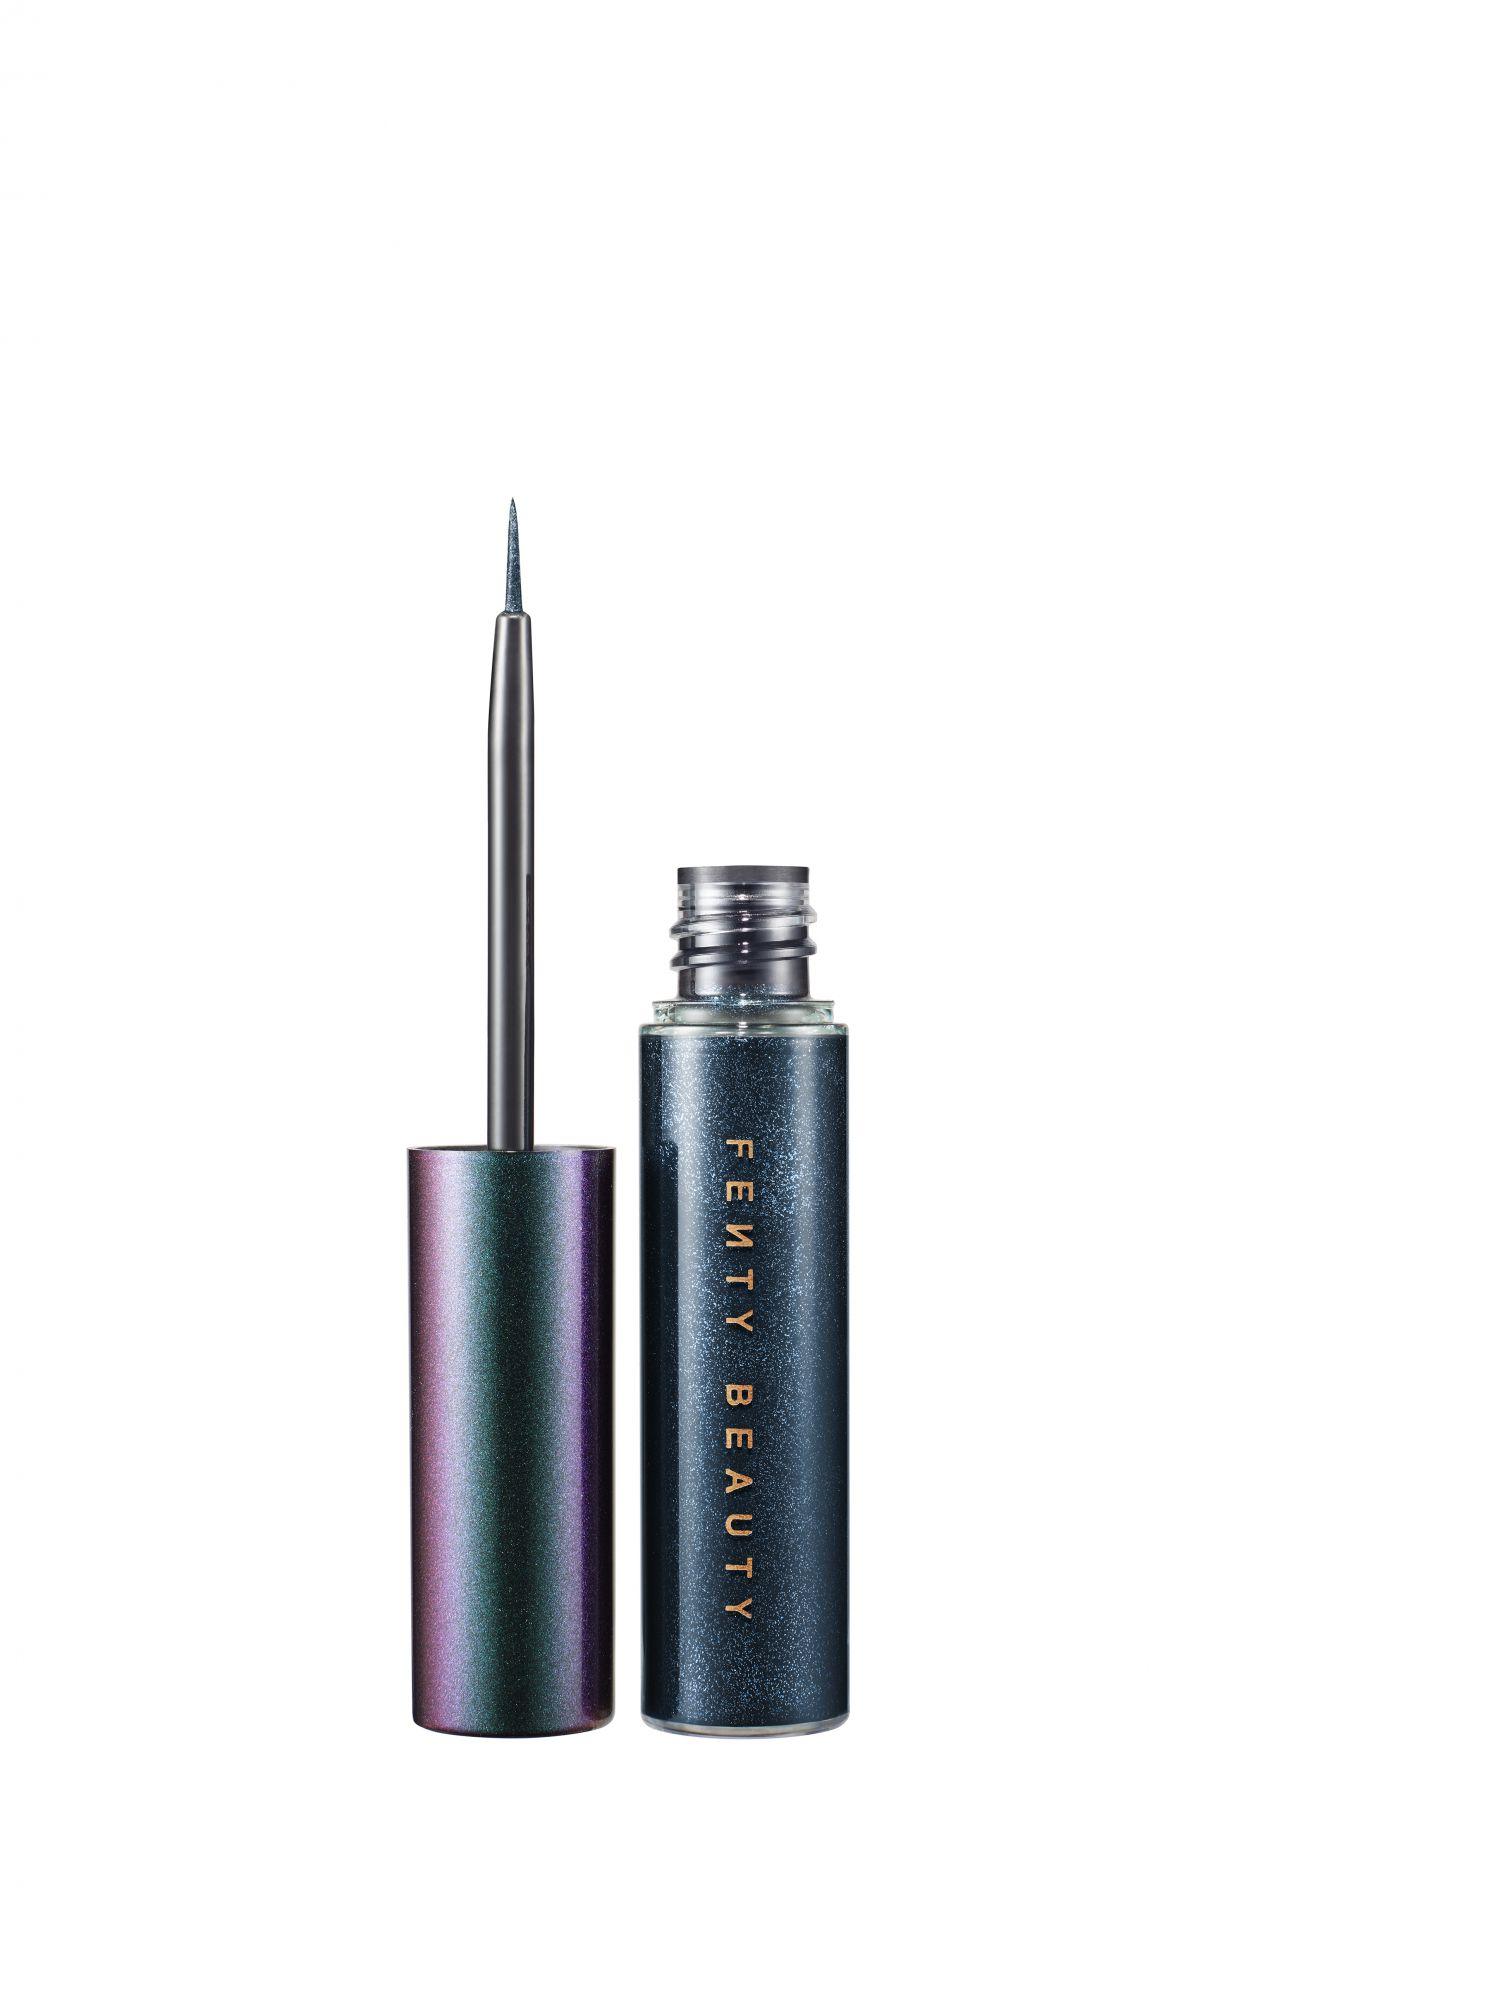 Eclipse 2-In-1 Glitter Release Eyeliner by Fenty Beauty